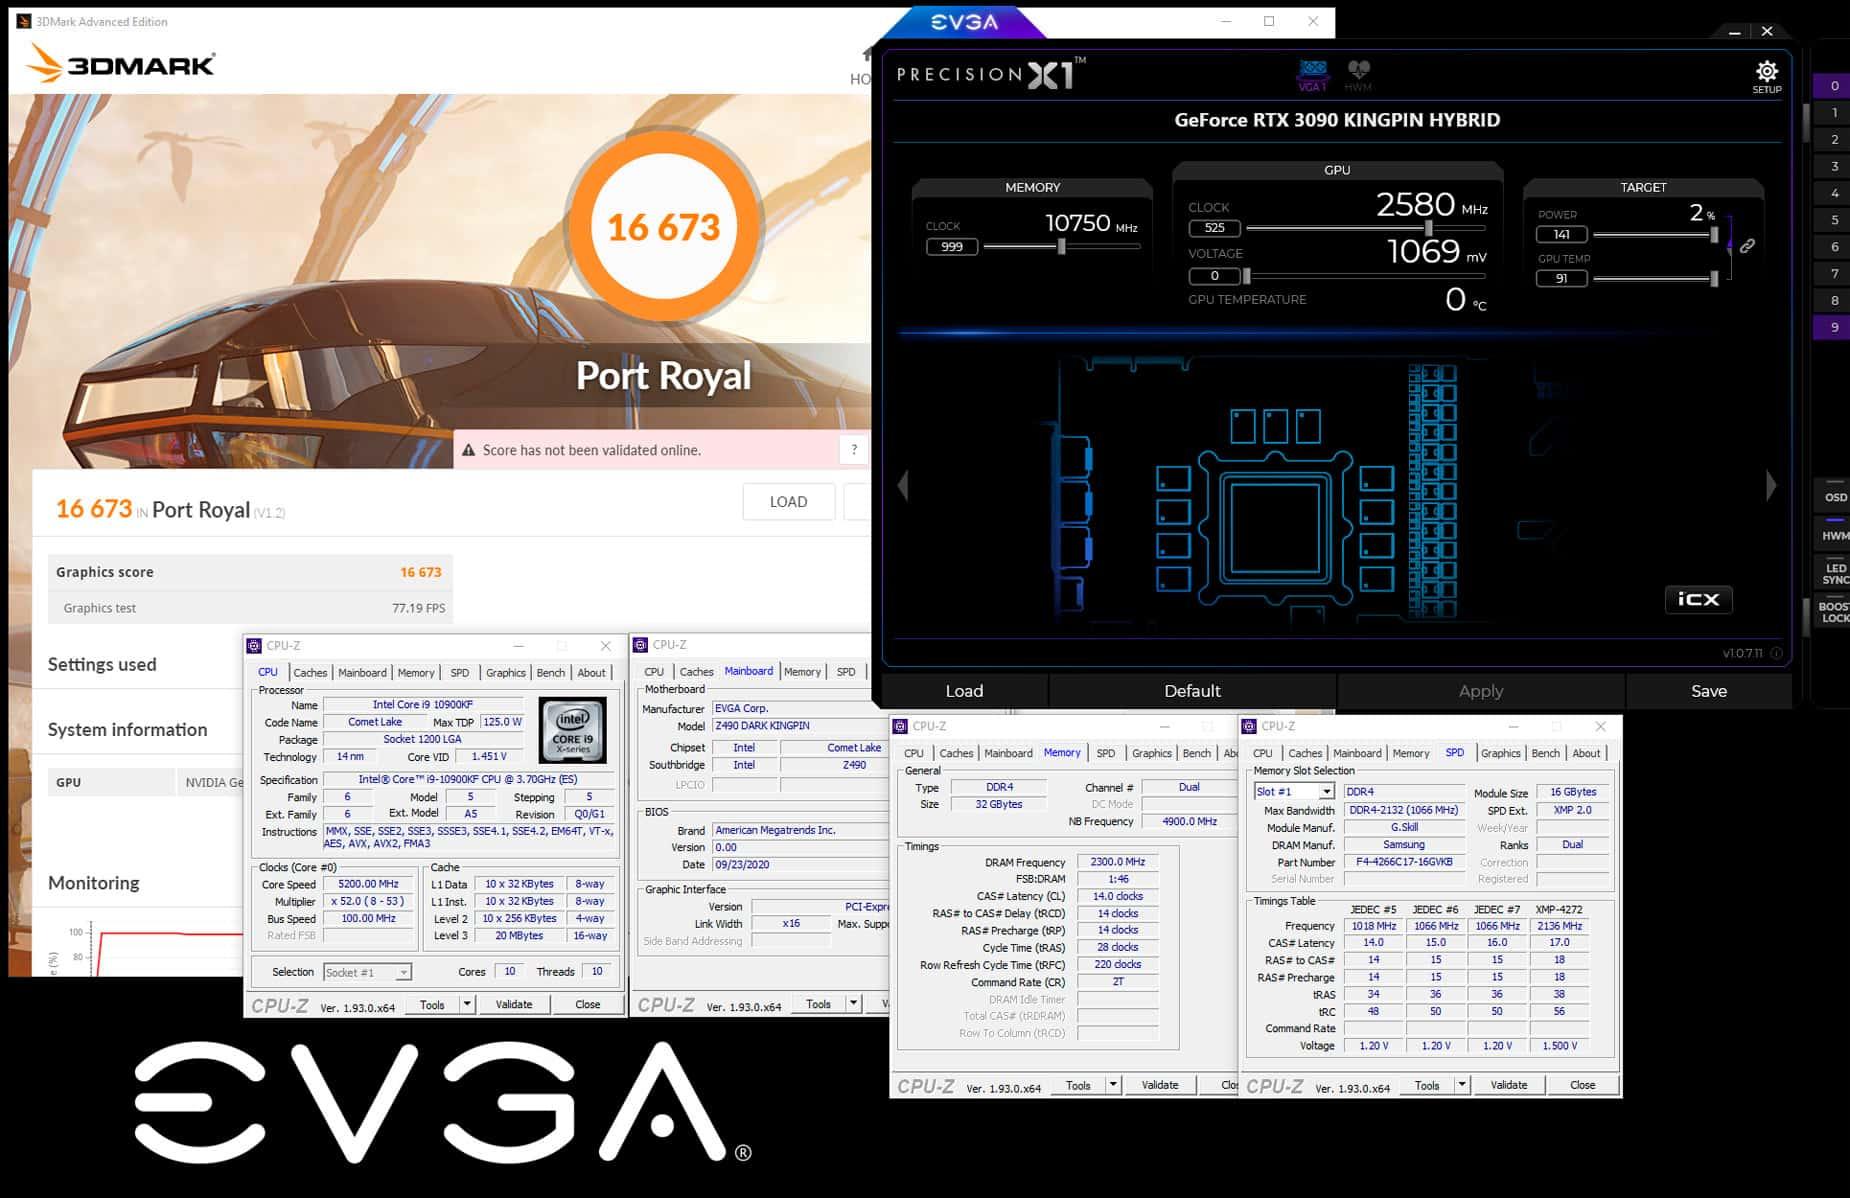 Мировой рекорд в 3DMark Port Royal обновлен силами GeForce RTX 3090, разогнанной по ядру до 2,58 ГГц